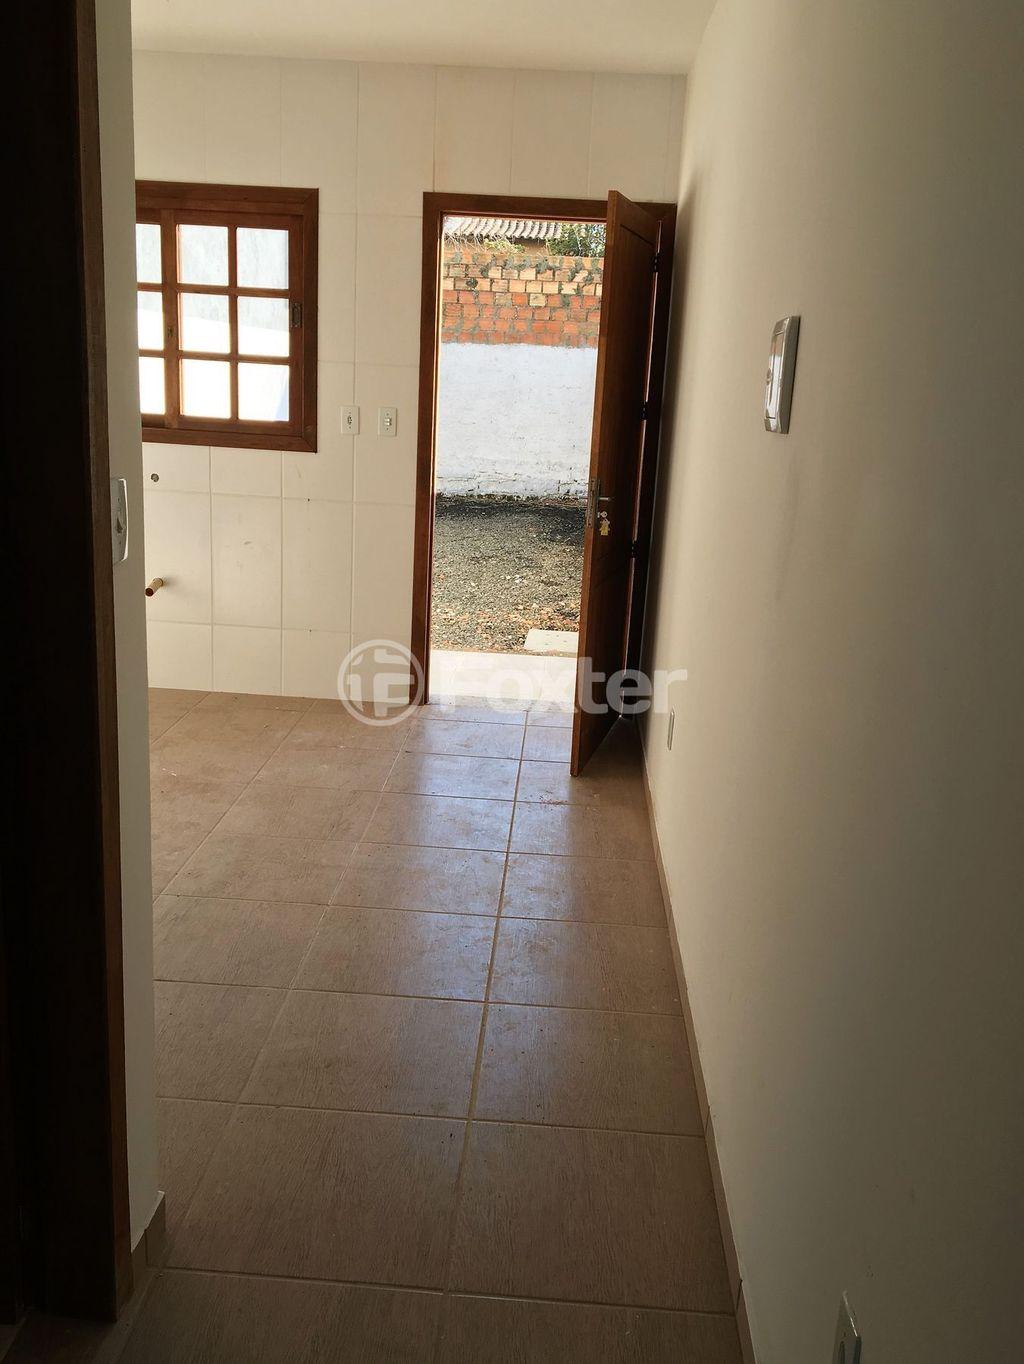 Casa 2 Dorm, Jardim do Bosque, Cachoeirinha (140400) - Foto 3